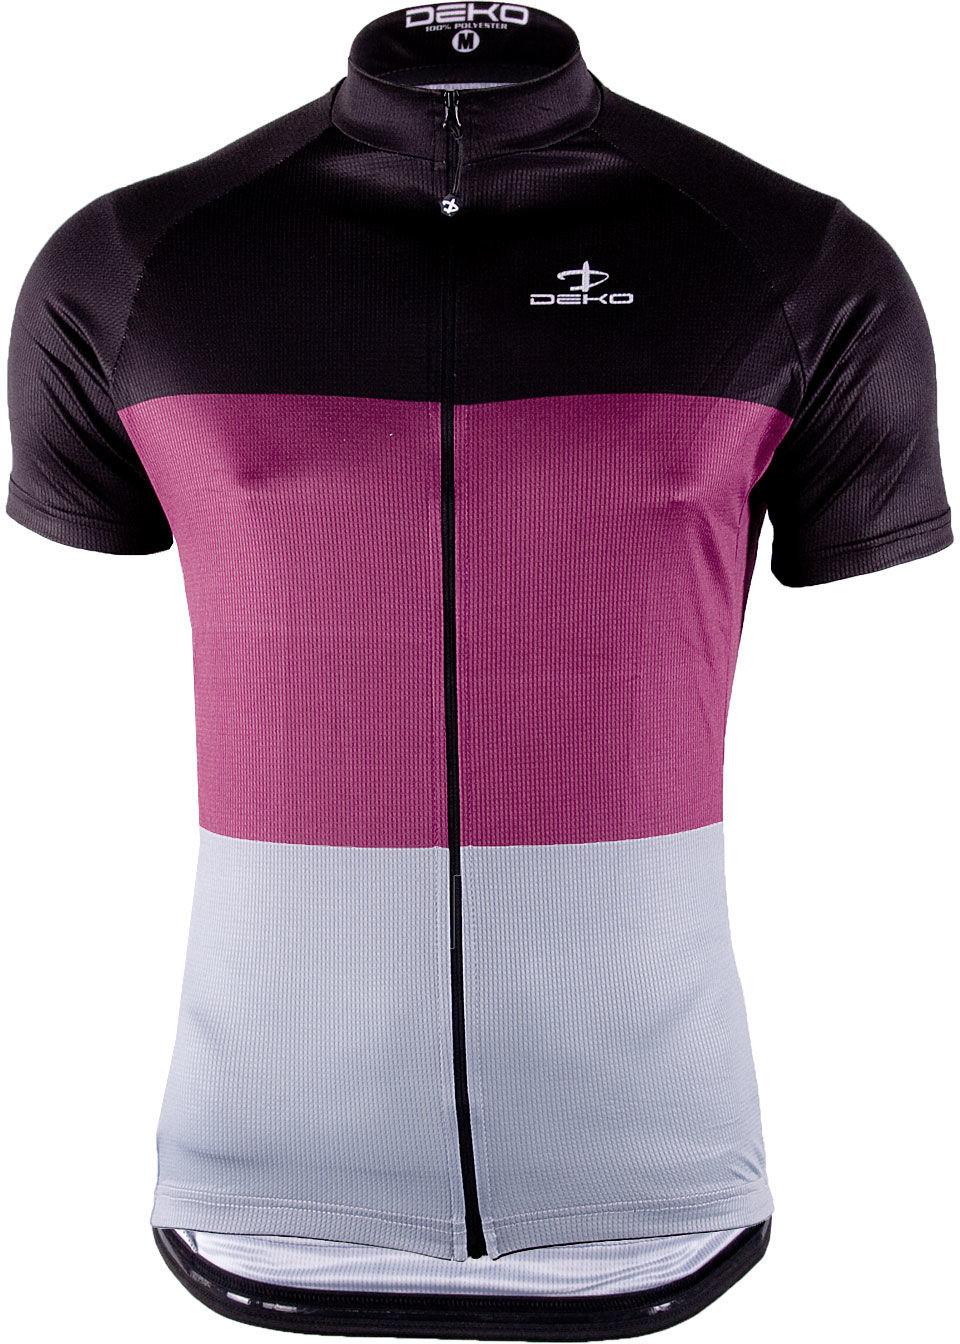 DEKO męska koszulka rowerowa krótki rękaw Bordowy MNK-002-03 Rozmiar: M,deko-mnk-002-03-burg